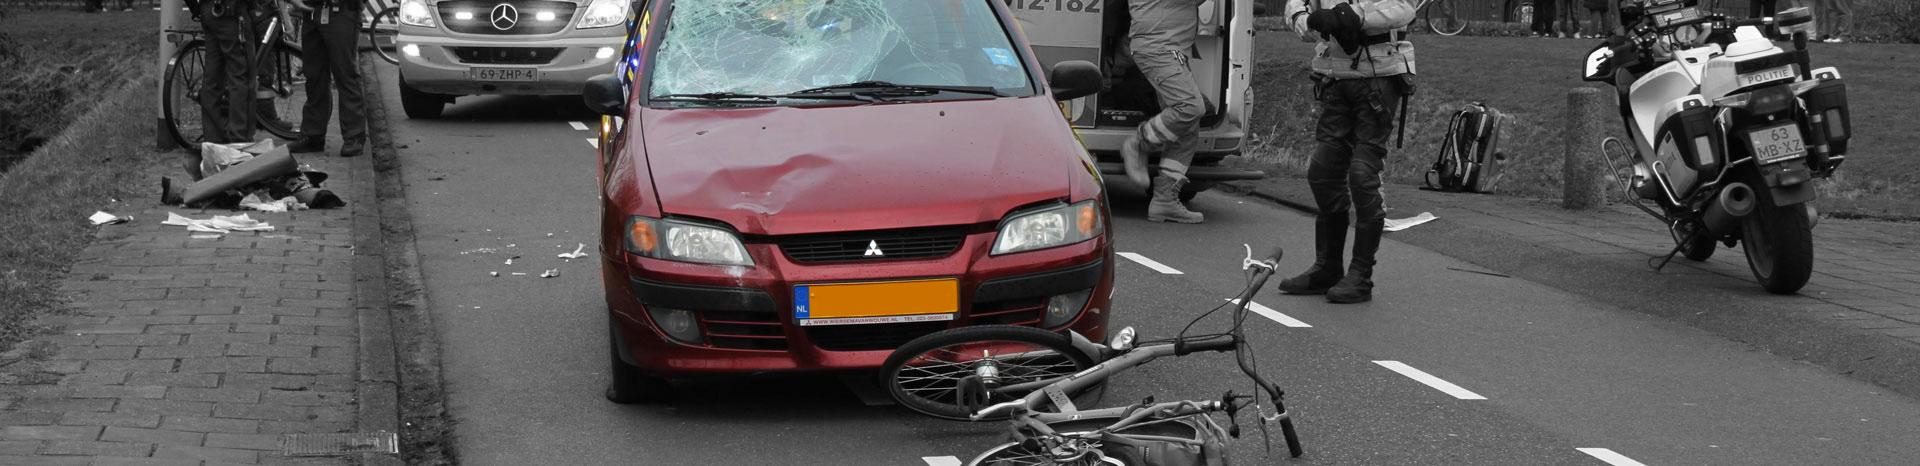 Aanrijding auto-fiets